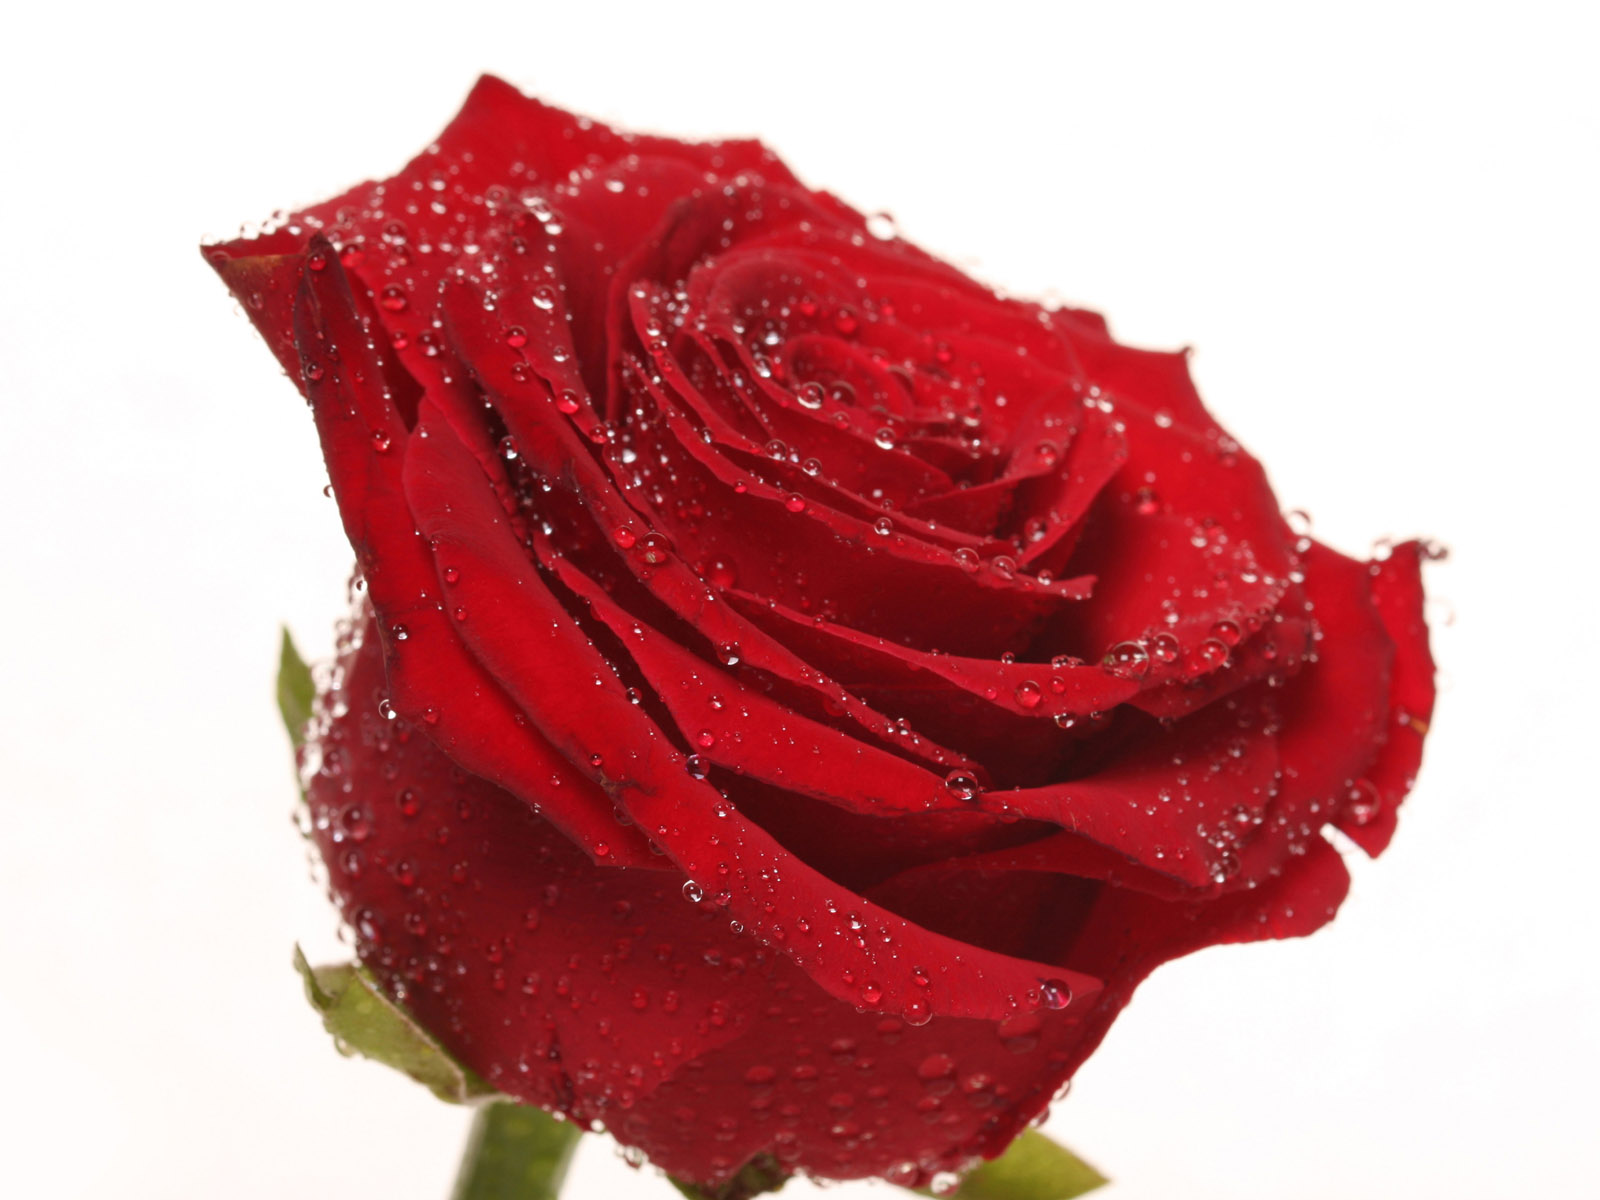 壁纸1600×1200玫瑰写真 6 11壁纸 玫瑰写真壁纸图片花卉壁纸花卉图片素材桌面壁纸